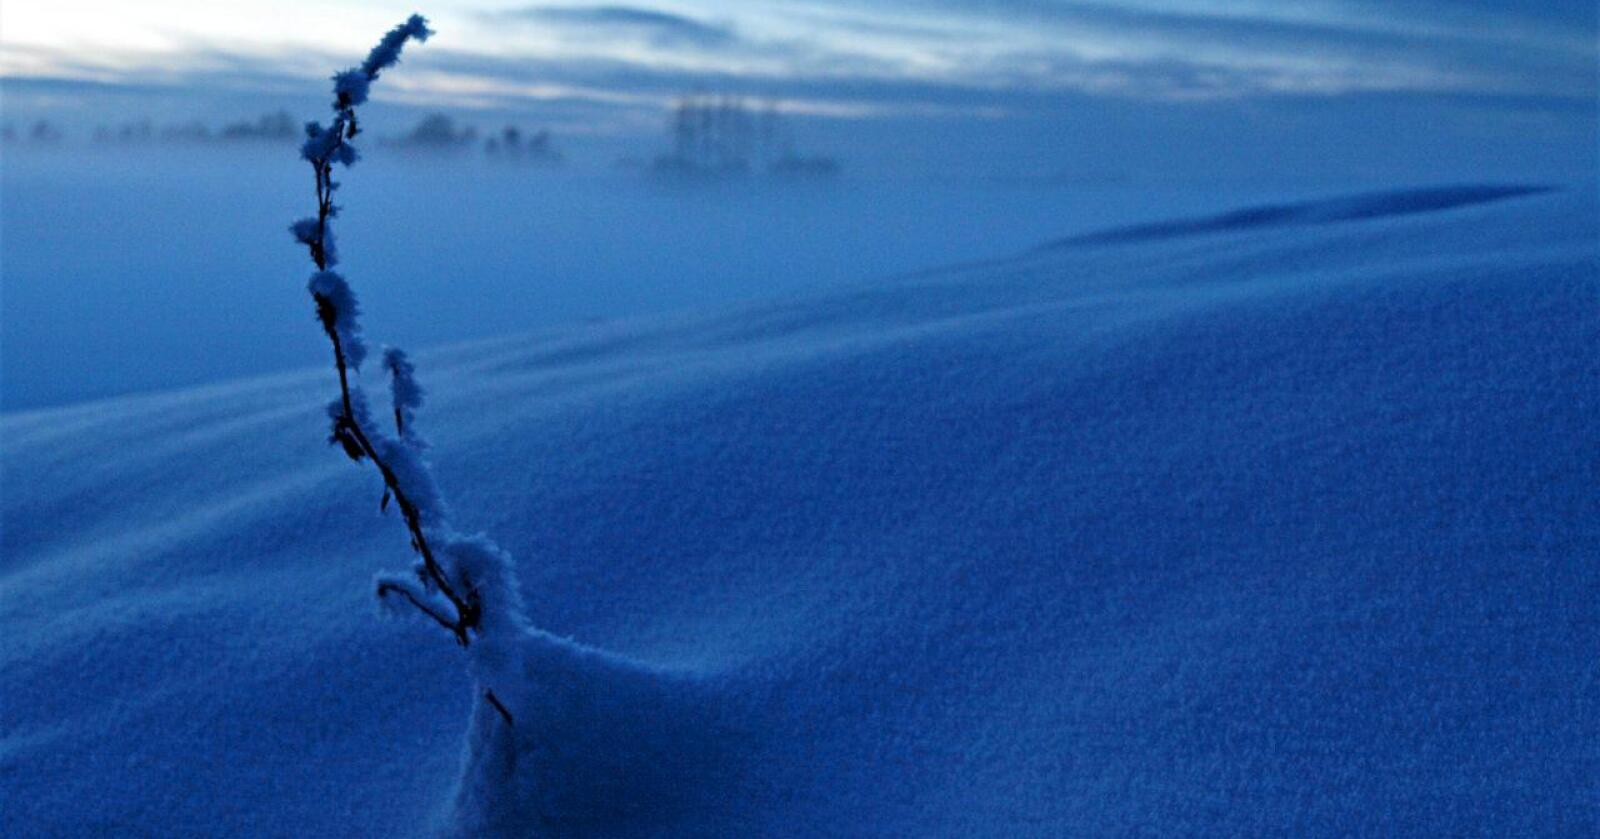 Snøen er naturens dunjakke. (Foto: Siri Bjoner)